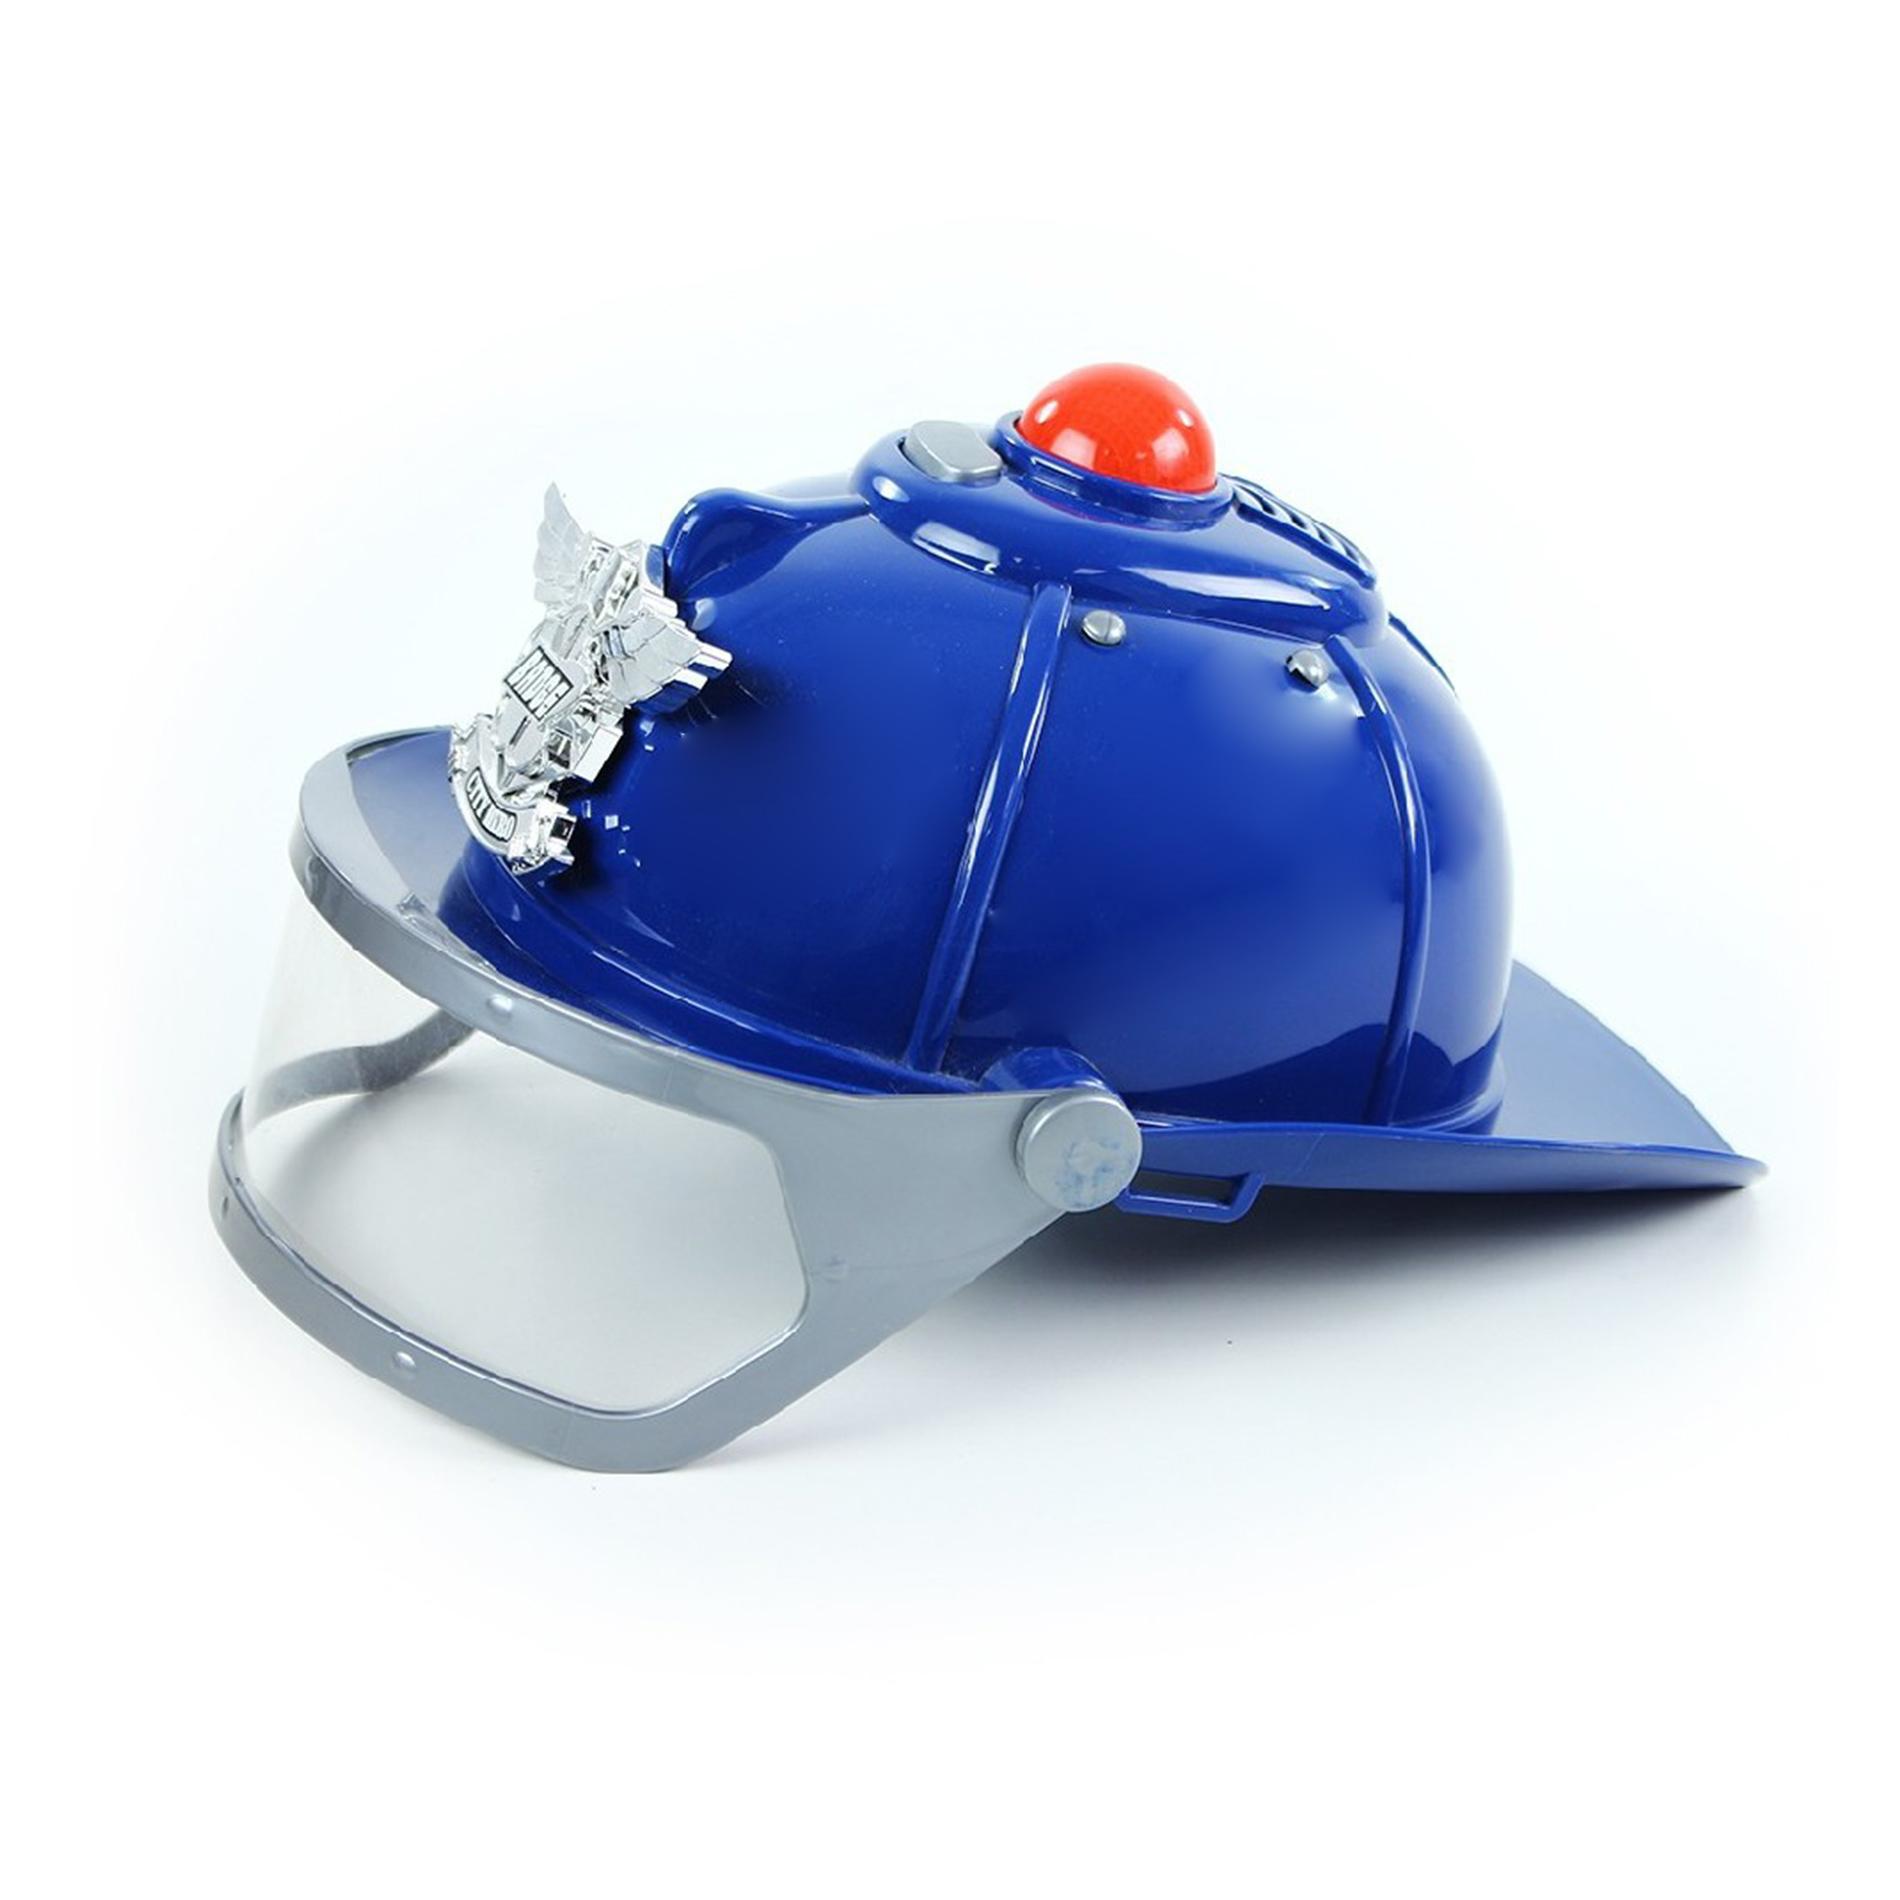 helma policie se zvukem a světlem